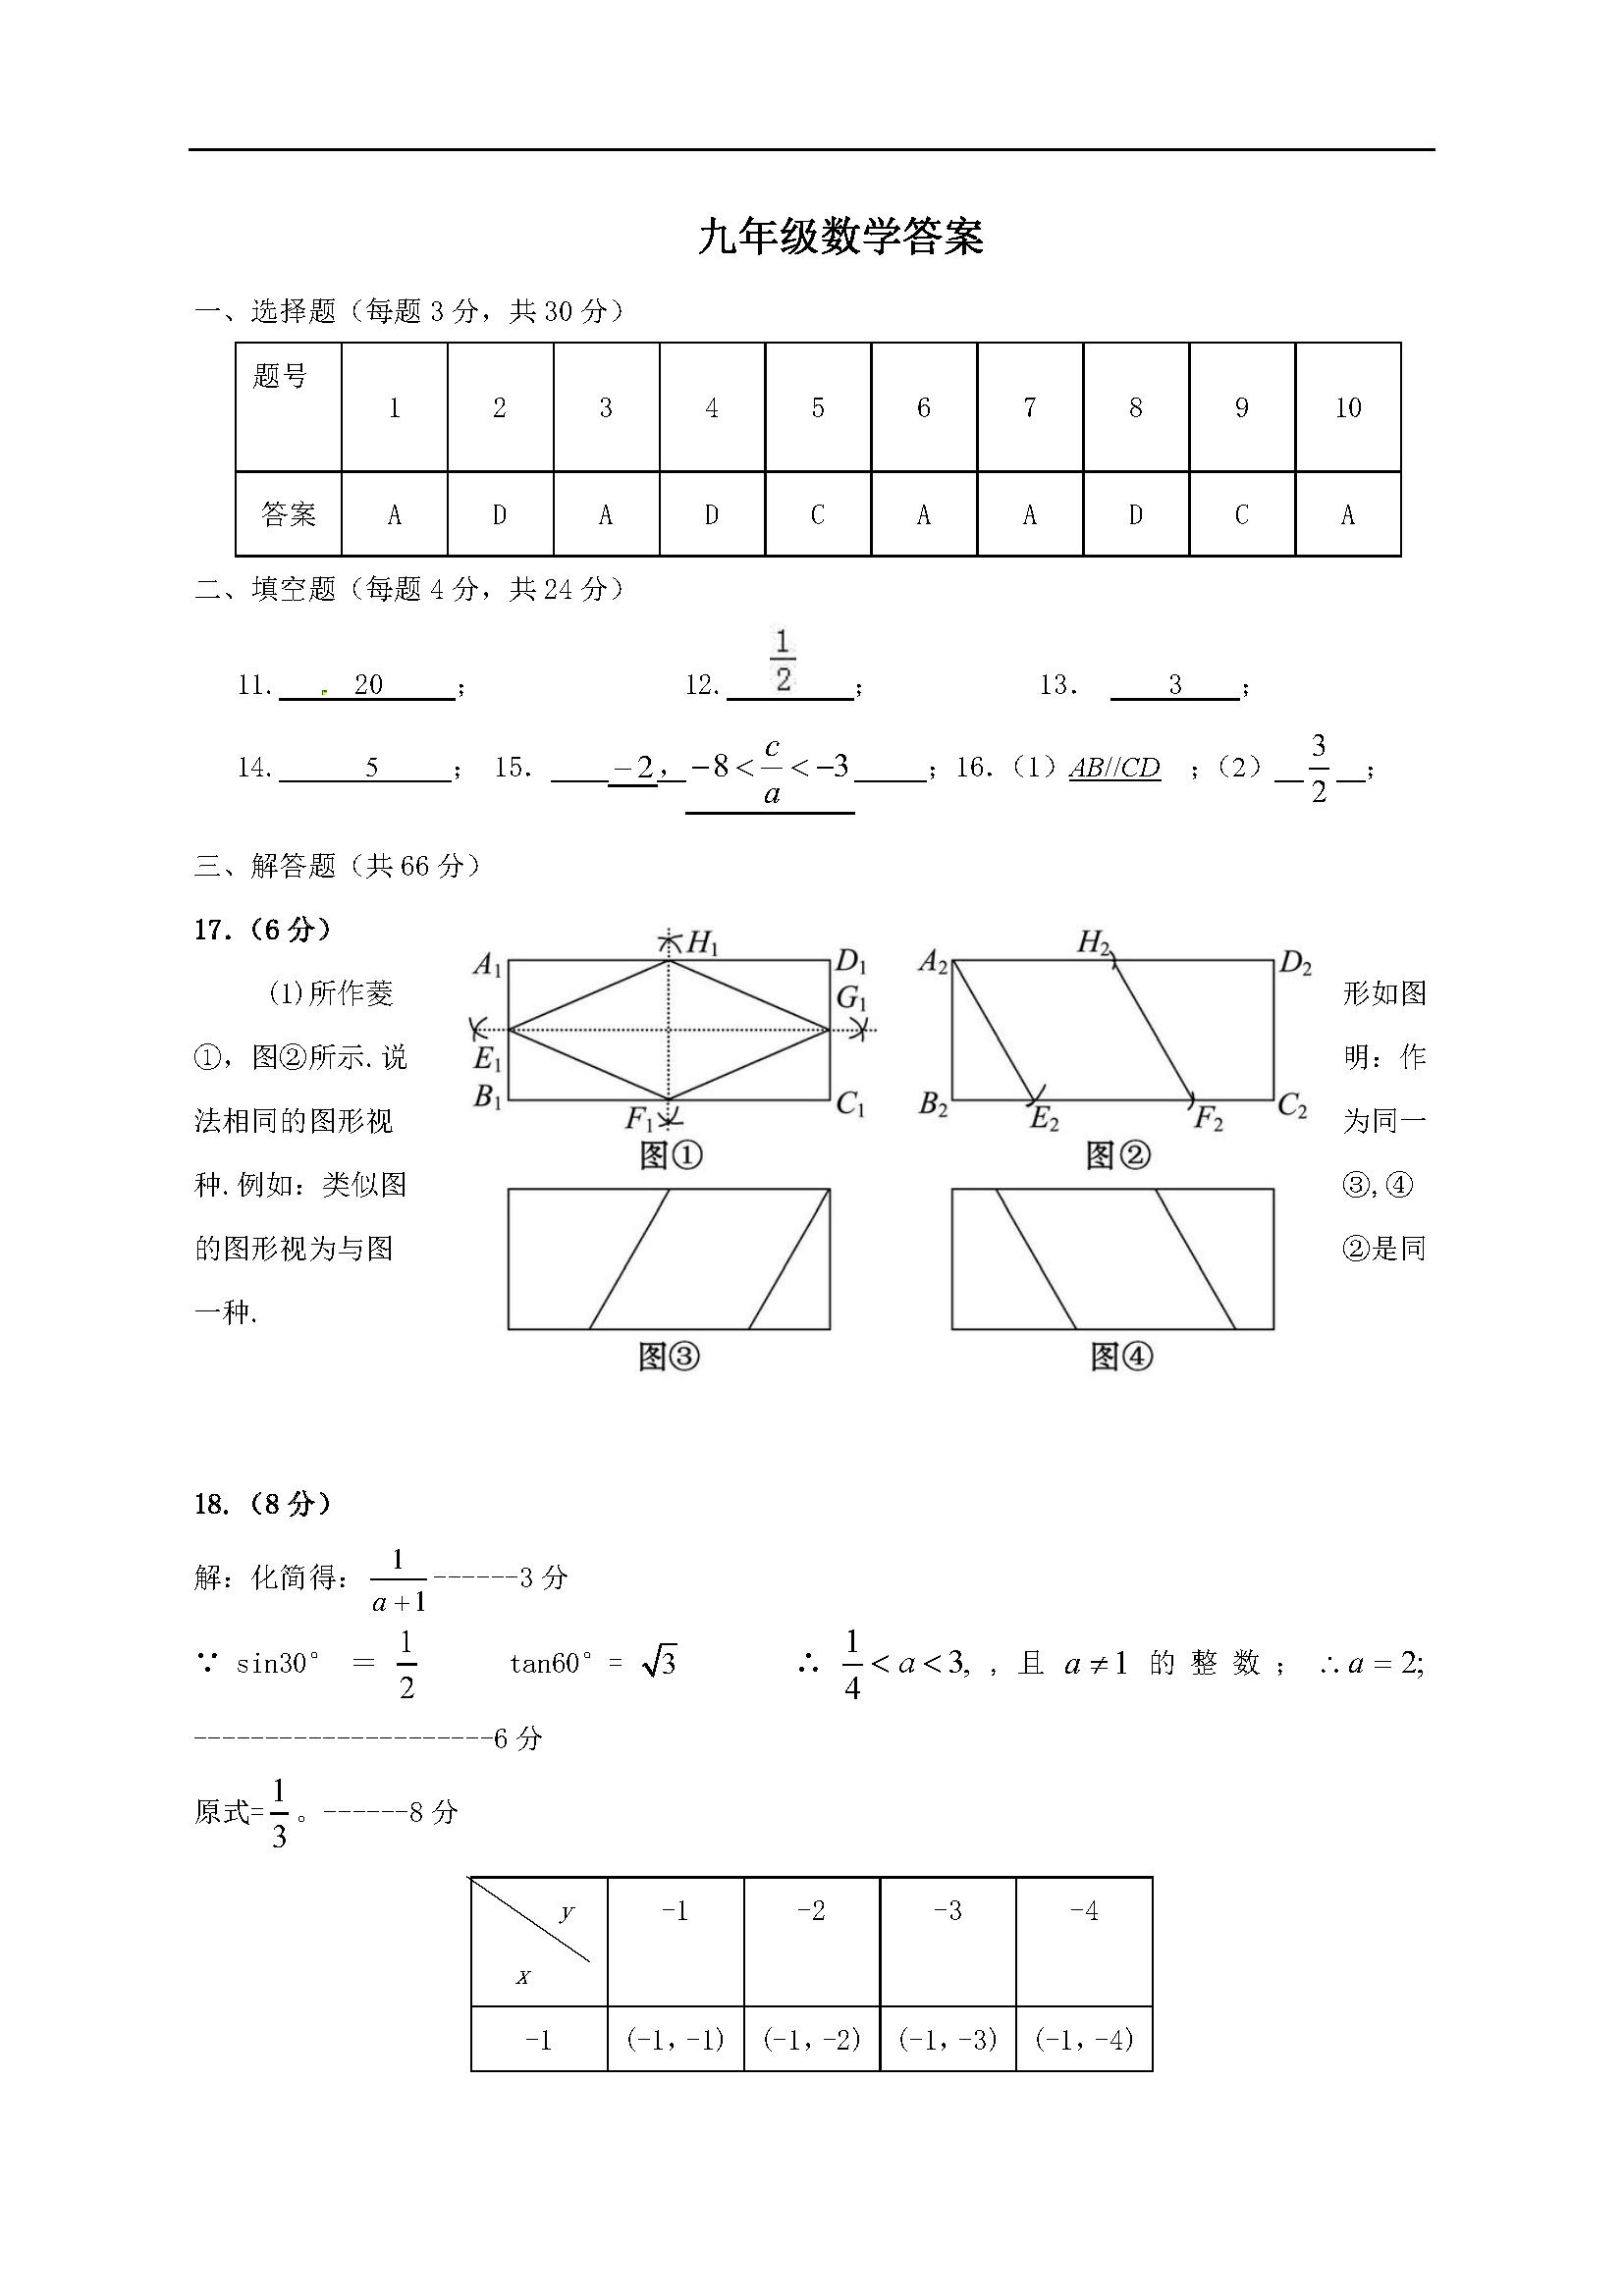 2017届浙江杭州萧山区瓜沥片九年级3月模拟数学试题答案(Word版)